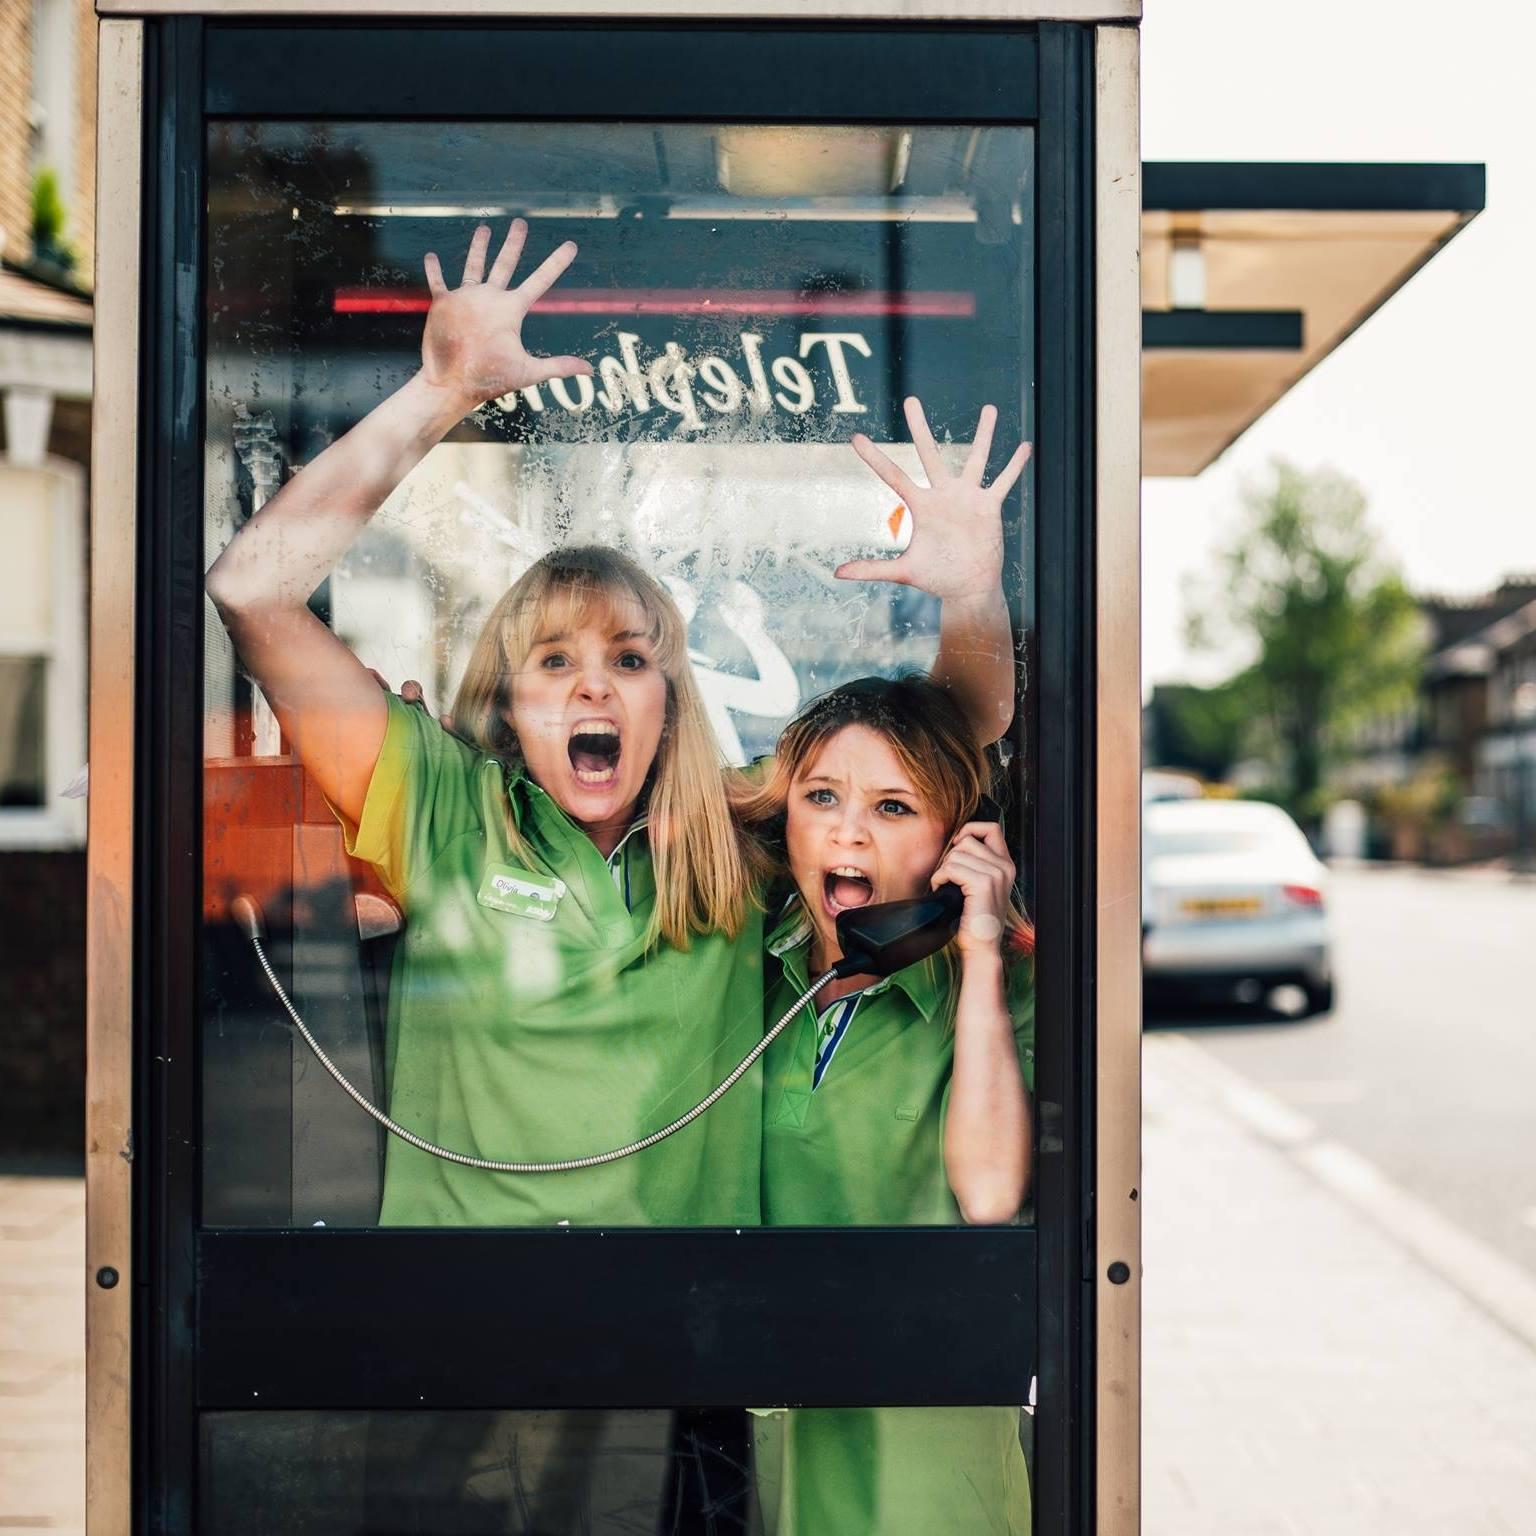 Trolley Girls